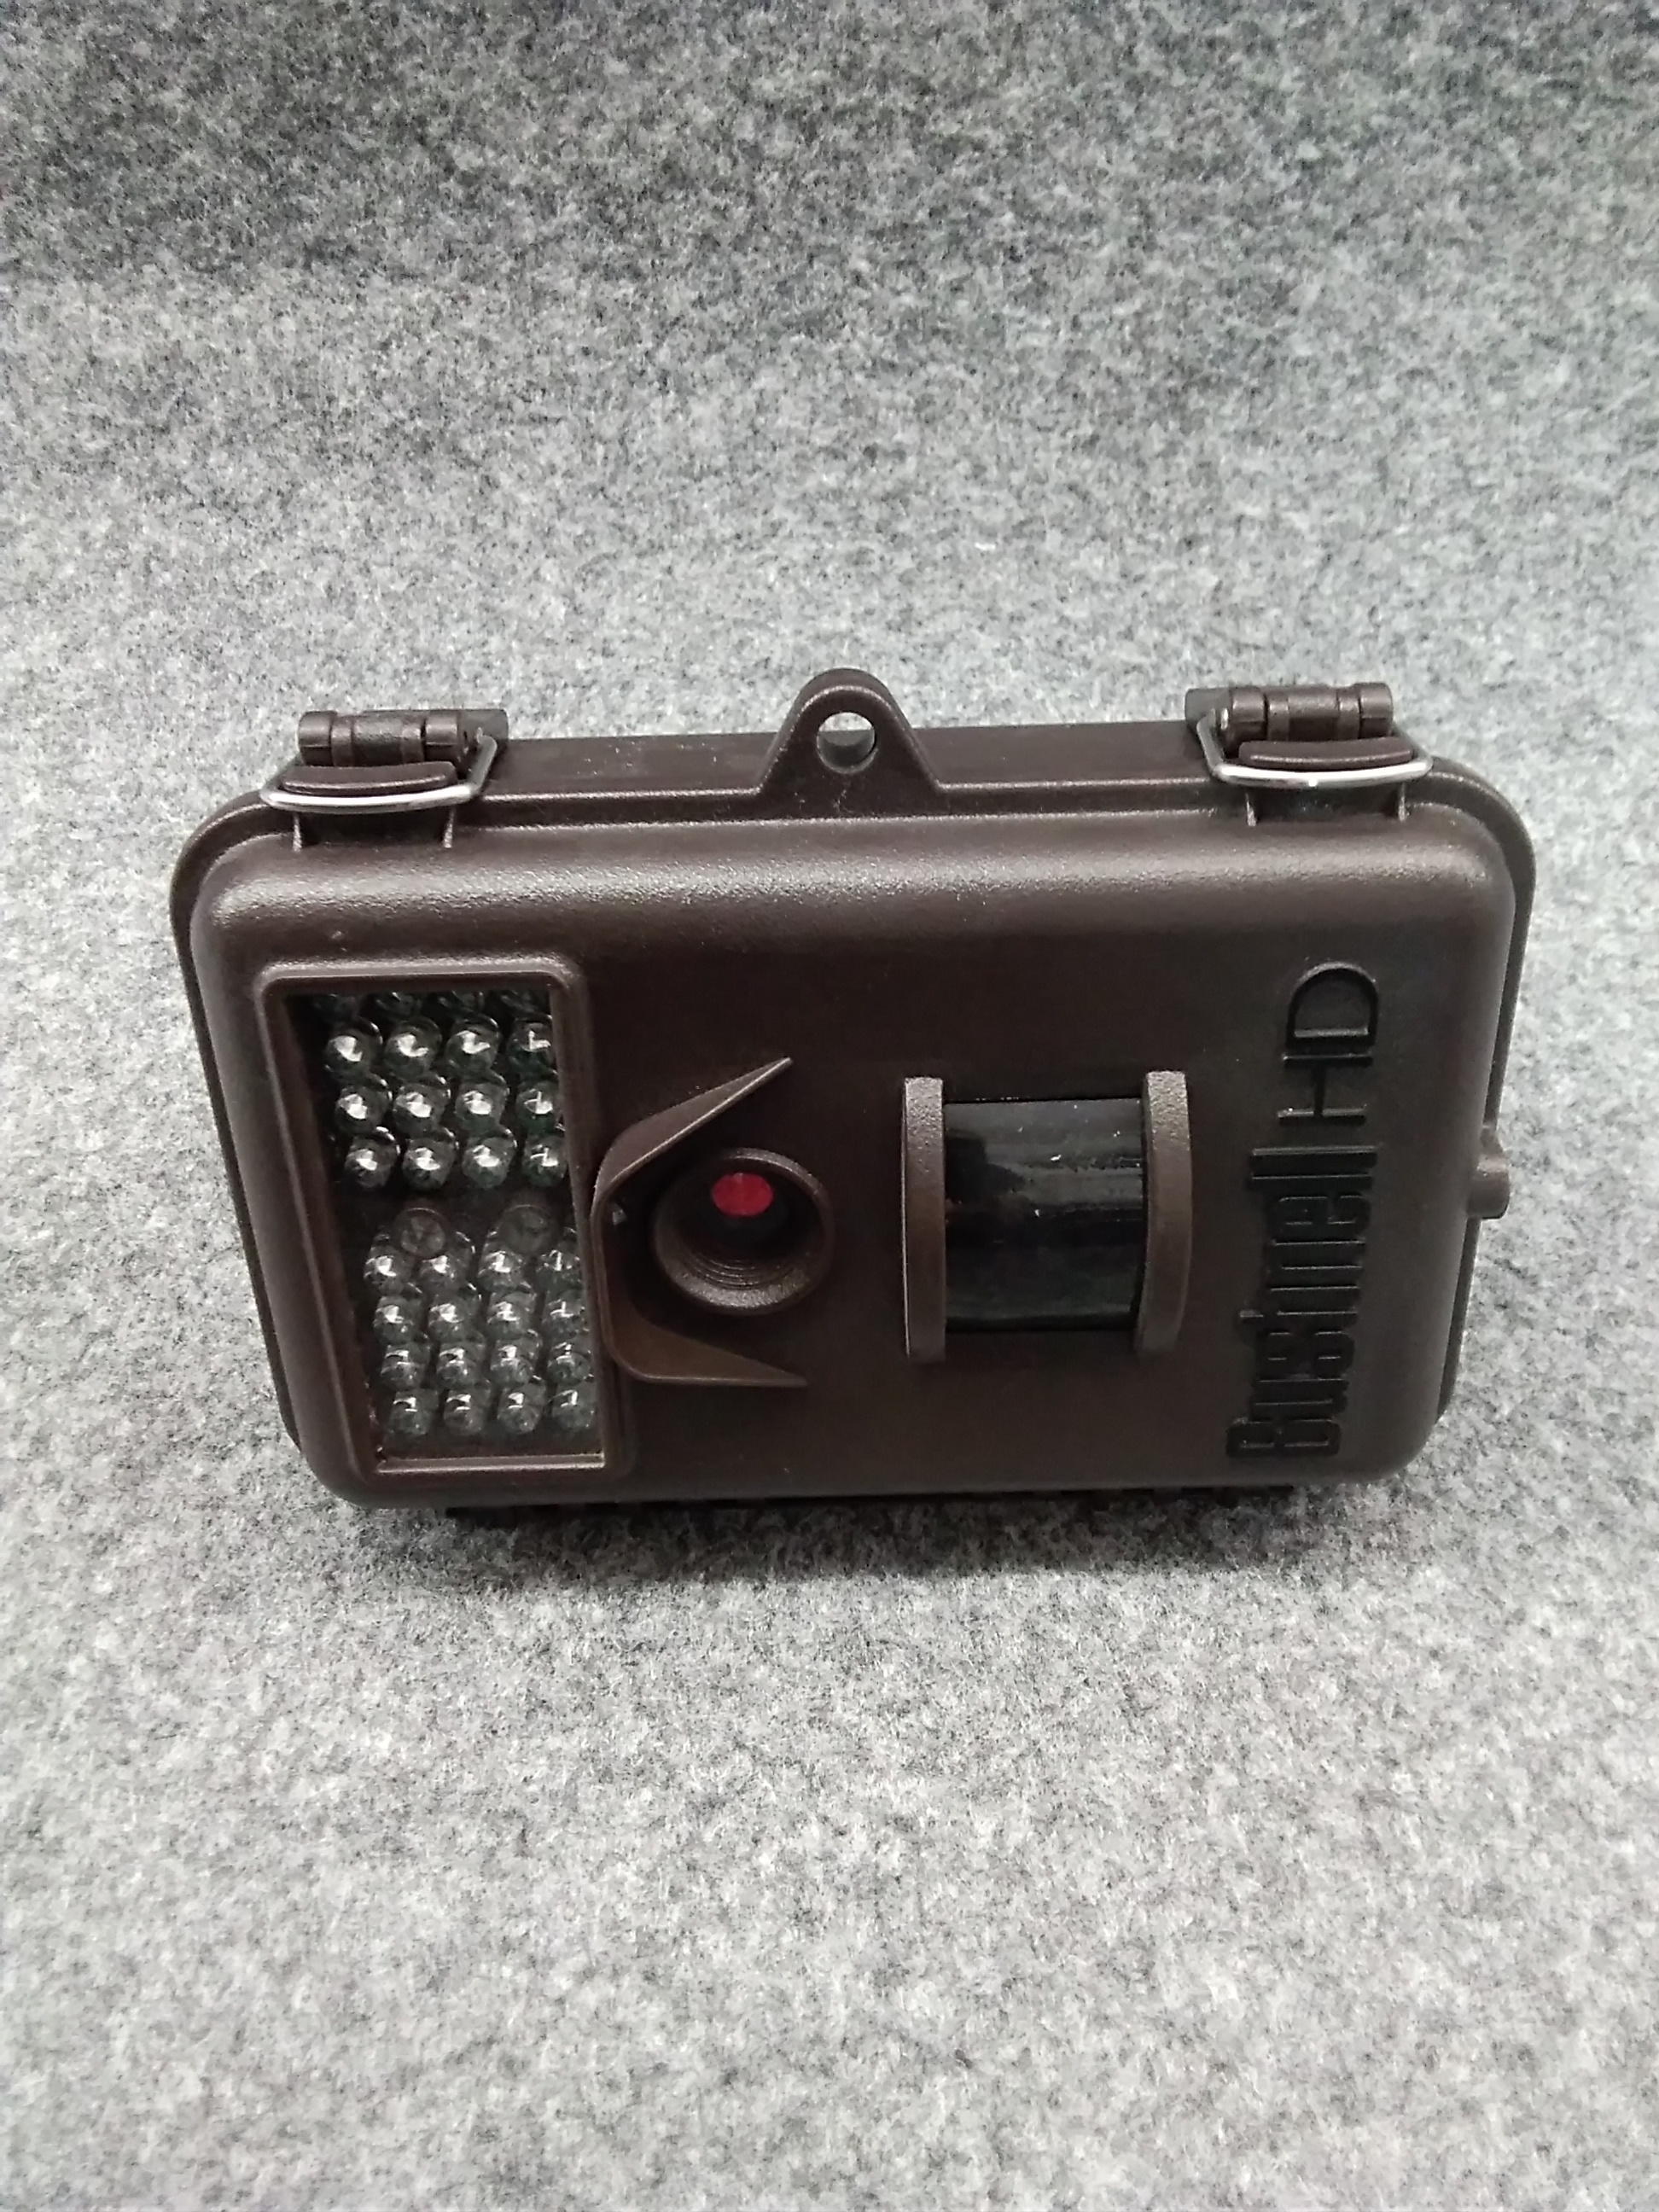 カメラアクセサリー関連商品|BUSHNELL